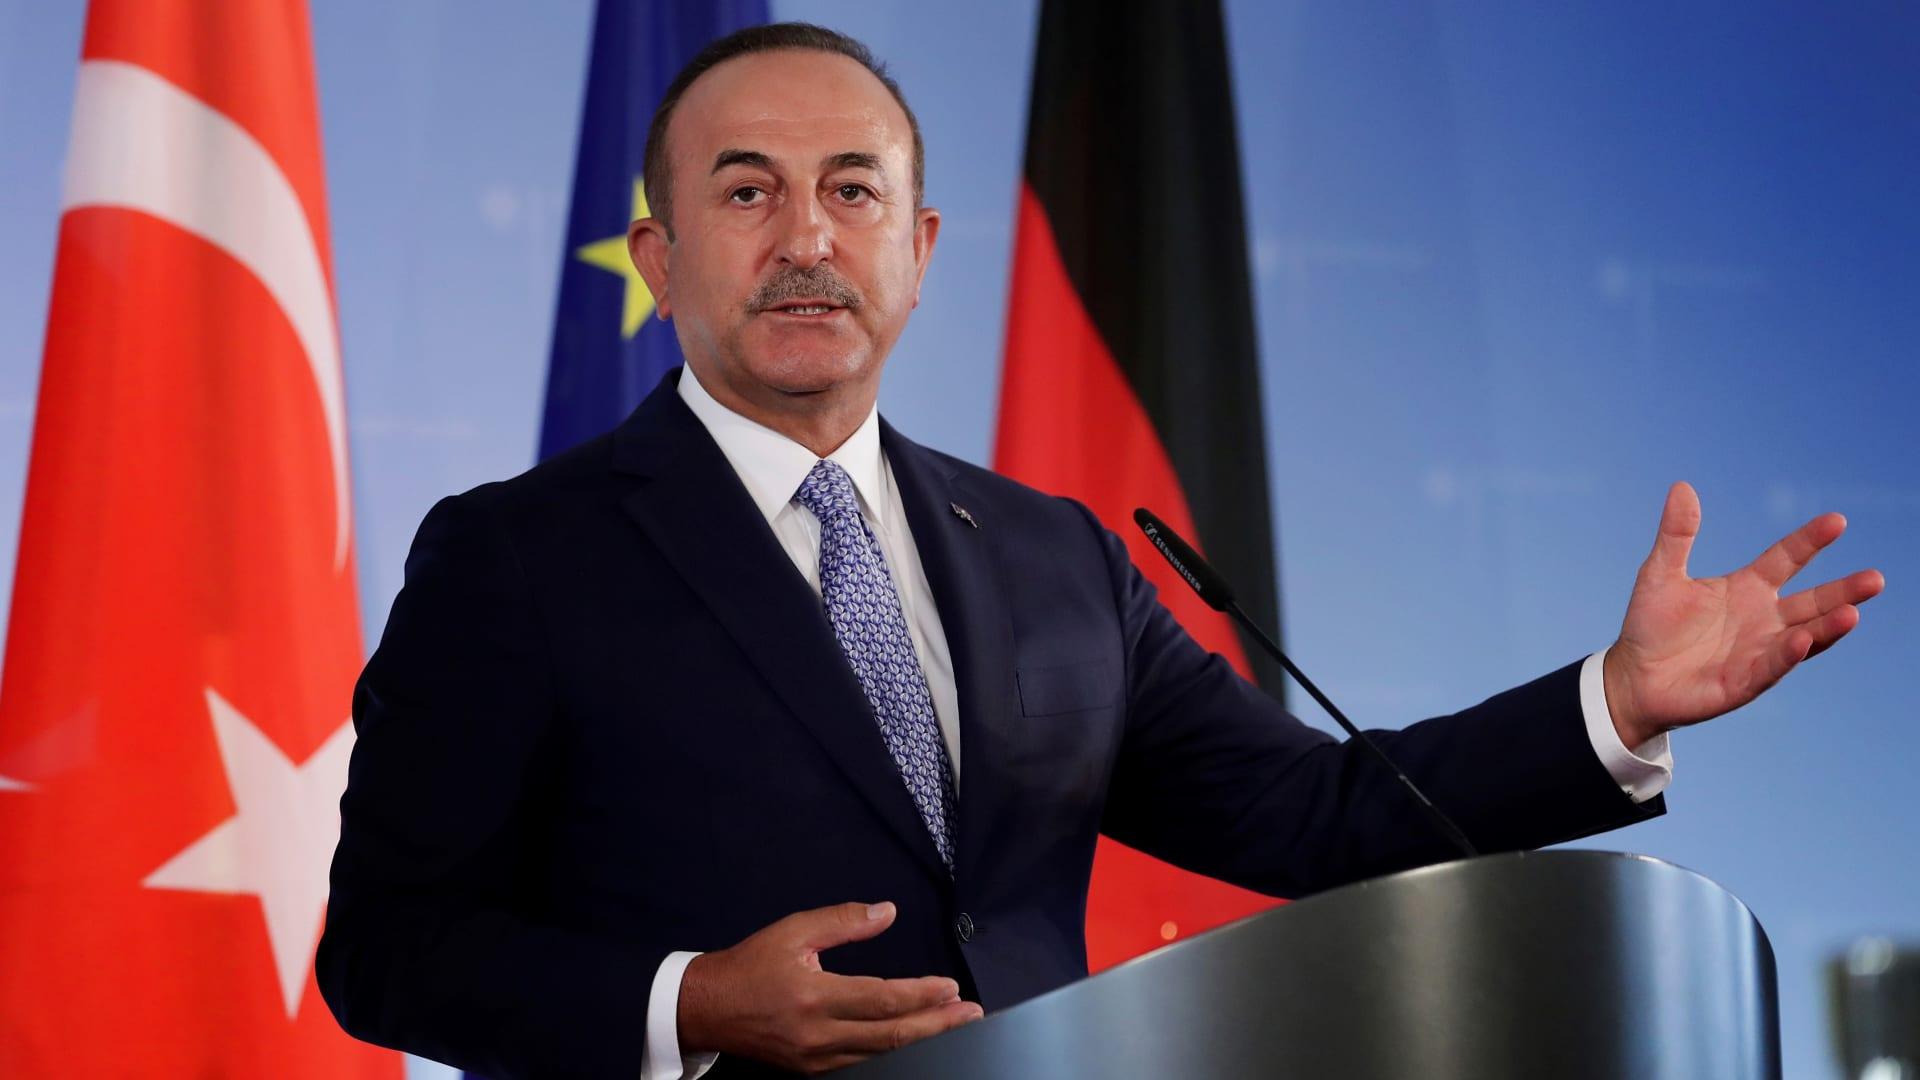 """مصر ترد تصريحات وزير الخارجية التركي """"السلبية"""" حول التطورات منذ """"30 يونيو"""""""